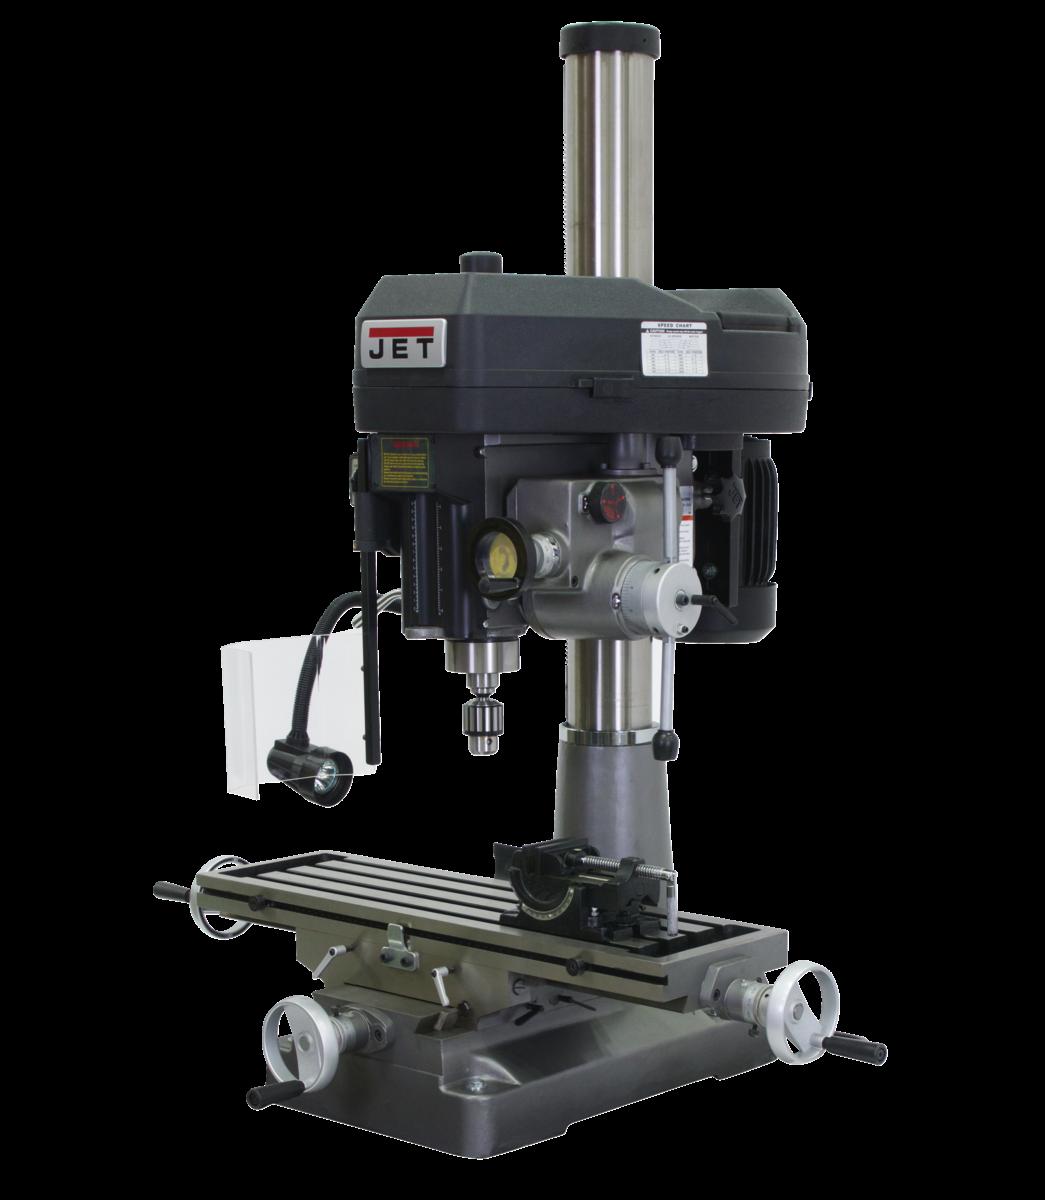 JMD-18PFN, alimentación vertical automática integrada, 2 HP, monofásica, 115/230 V